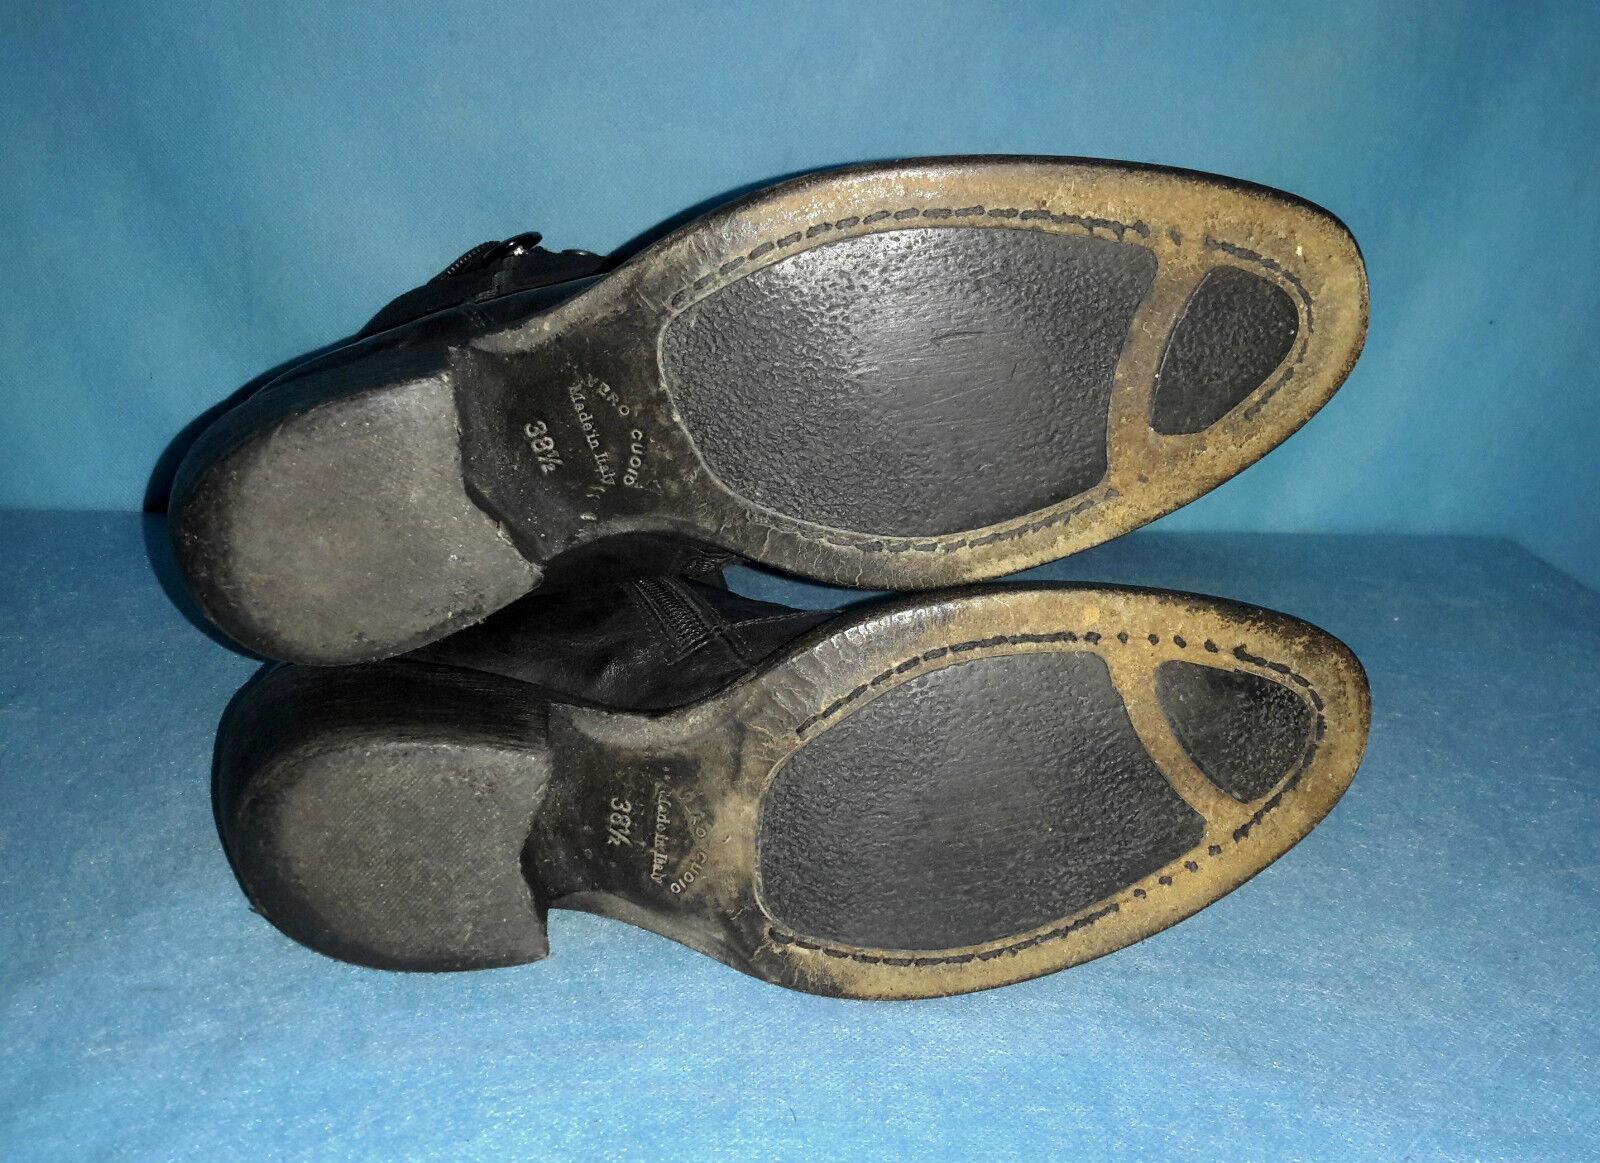 Stiefel GIARDINI NERO GIARDINI Stiefel 100% schwarzes Leder Größe 38,5 FR 109955